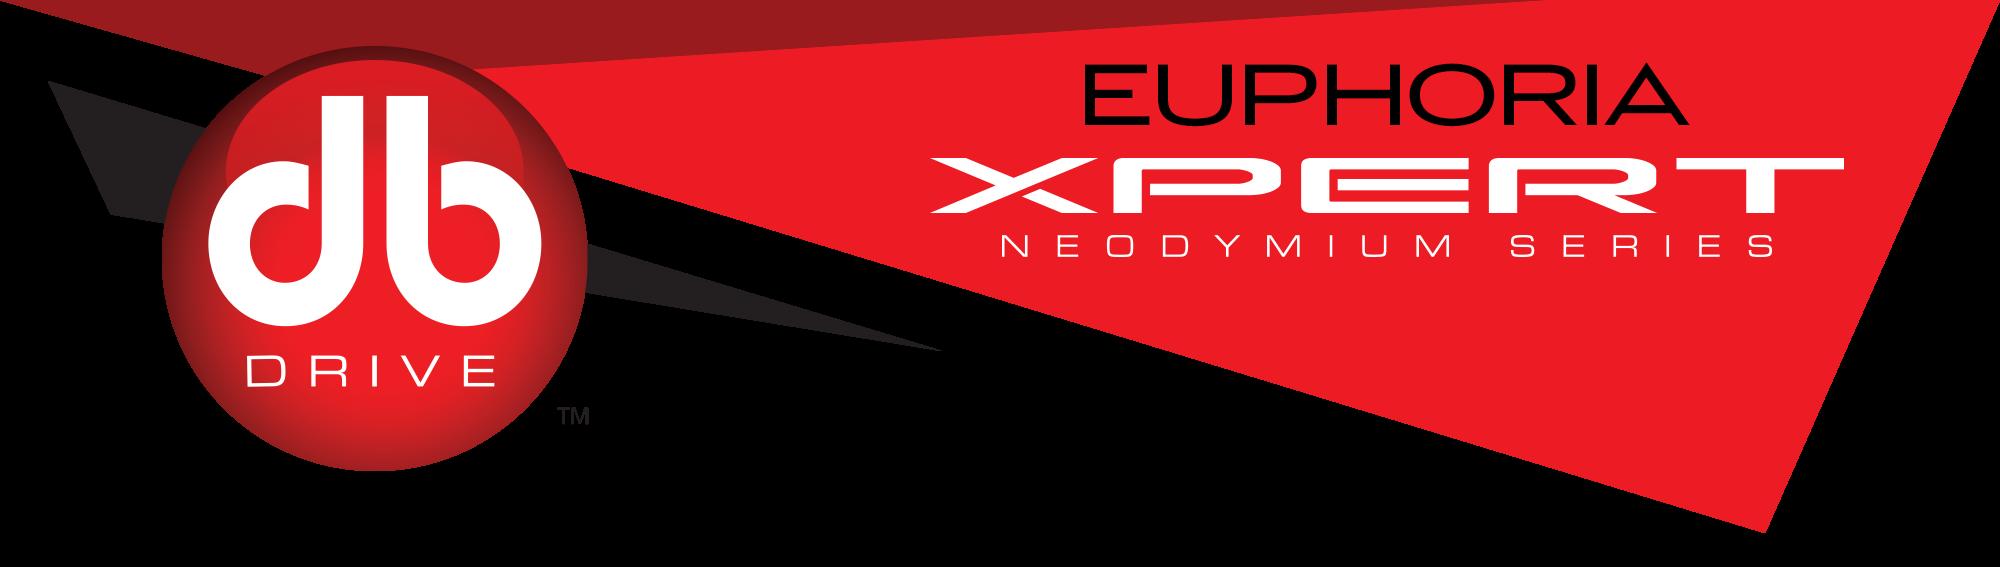 DB Drive Euphoria XPERT Neodymium Series